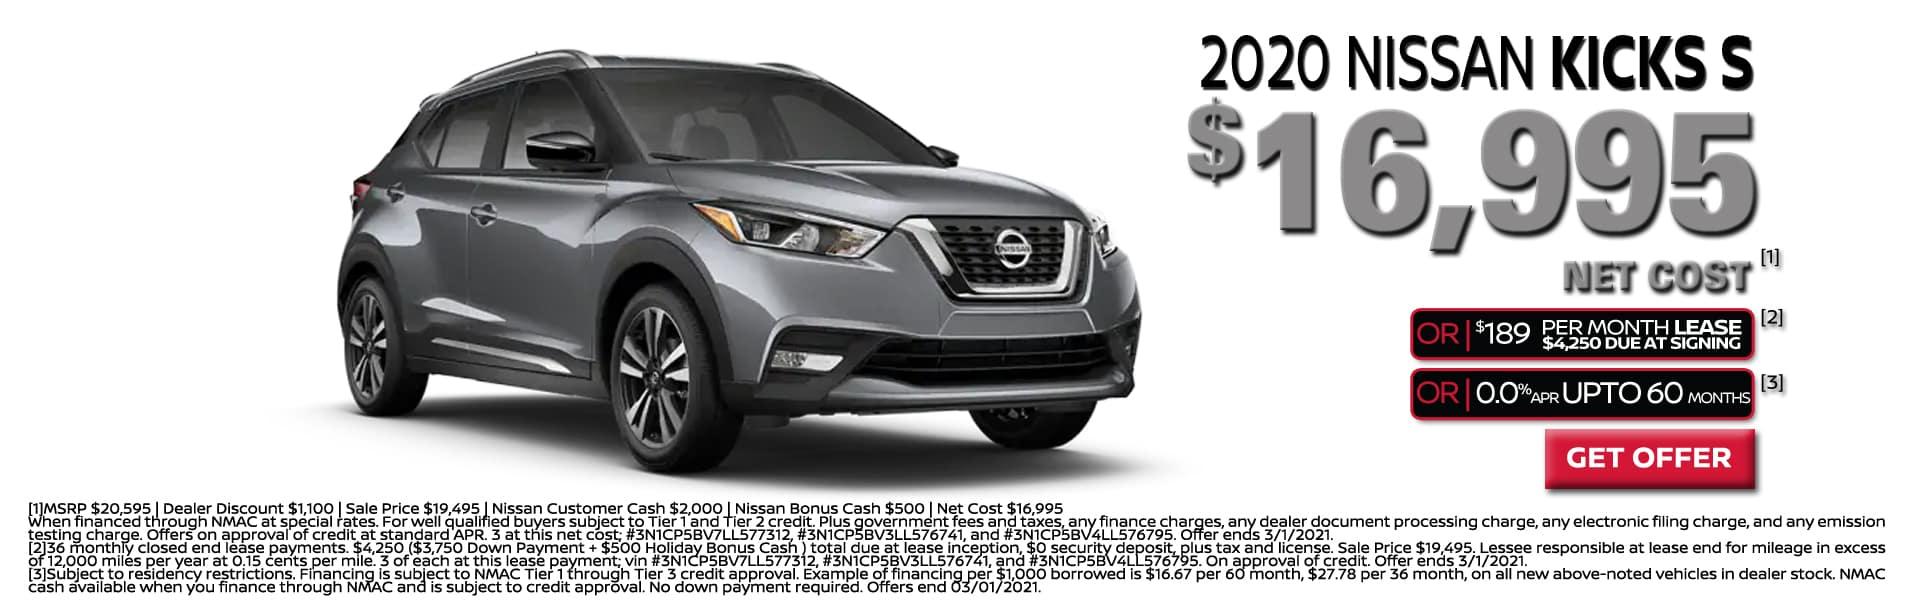 DealerInspire_2020-Nissan_Kicks_Feb21